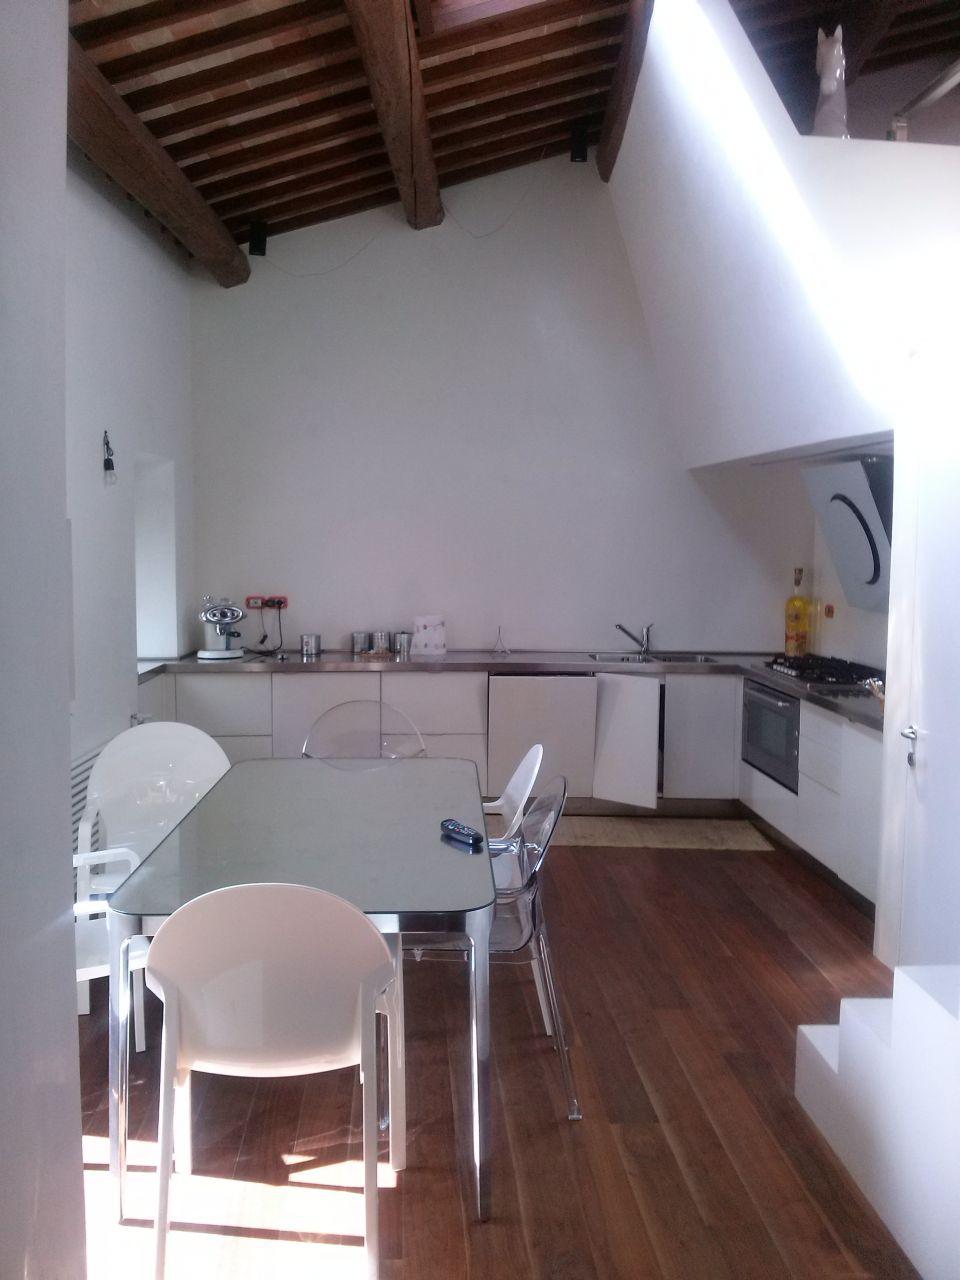 Appartamento in vendita a Ascoli Piceno, 4 locali, zona Località: CentroStorico, prezzo € 225.000 | Cambio Casa.it